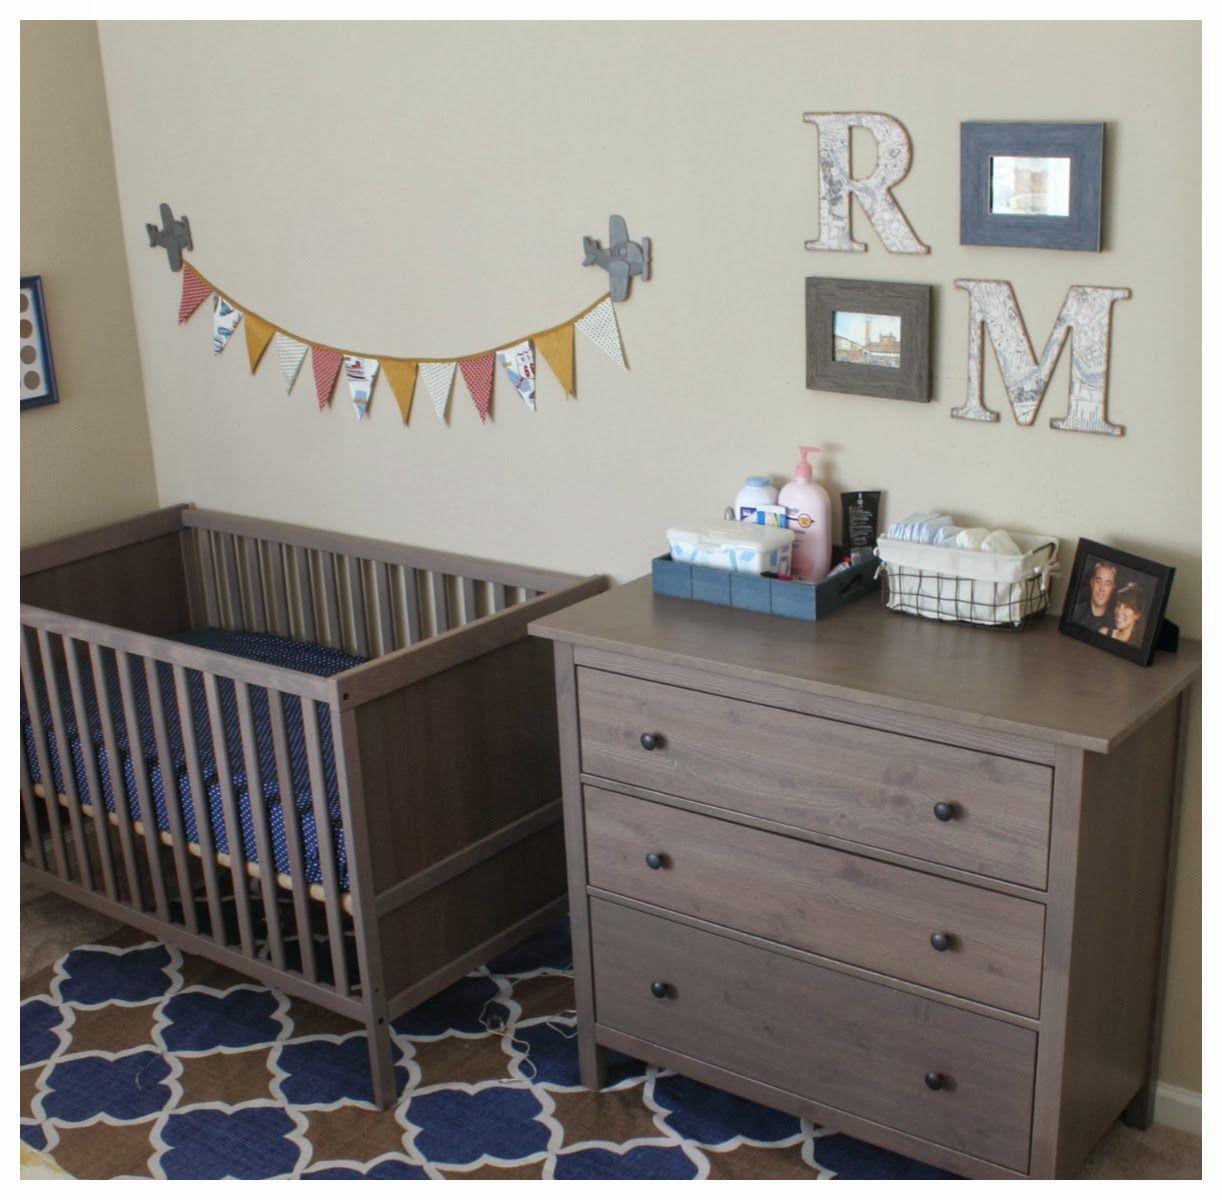 Little boy's nursery. Little man's cozy little nook